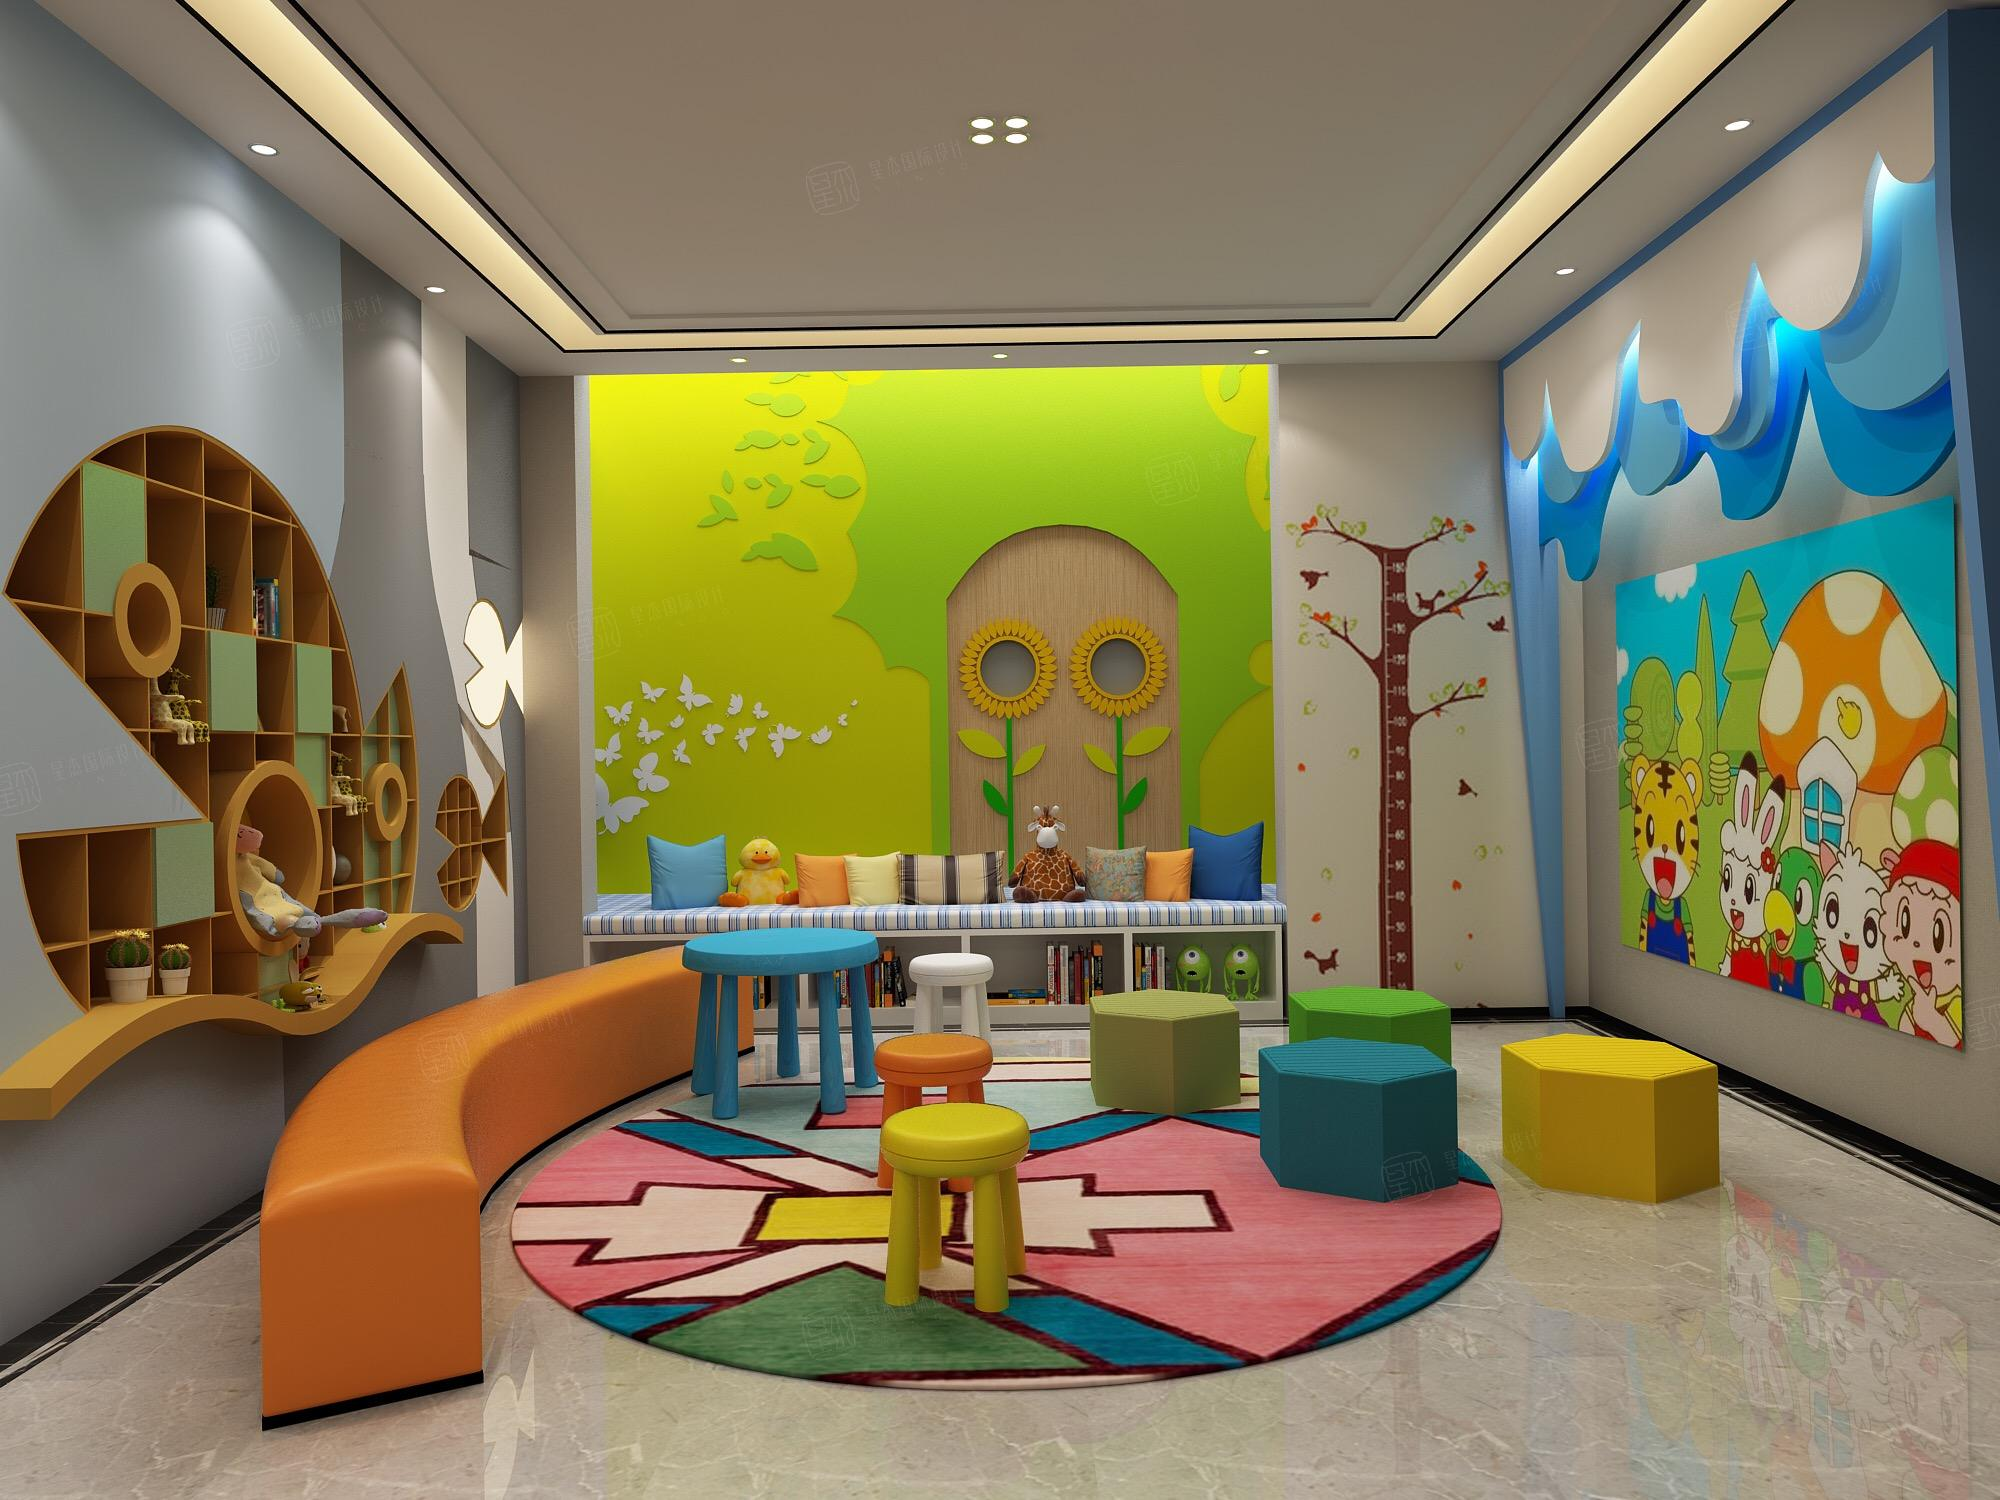 新中式风格-复地温莎堡装修儿童游乐区效果图